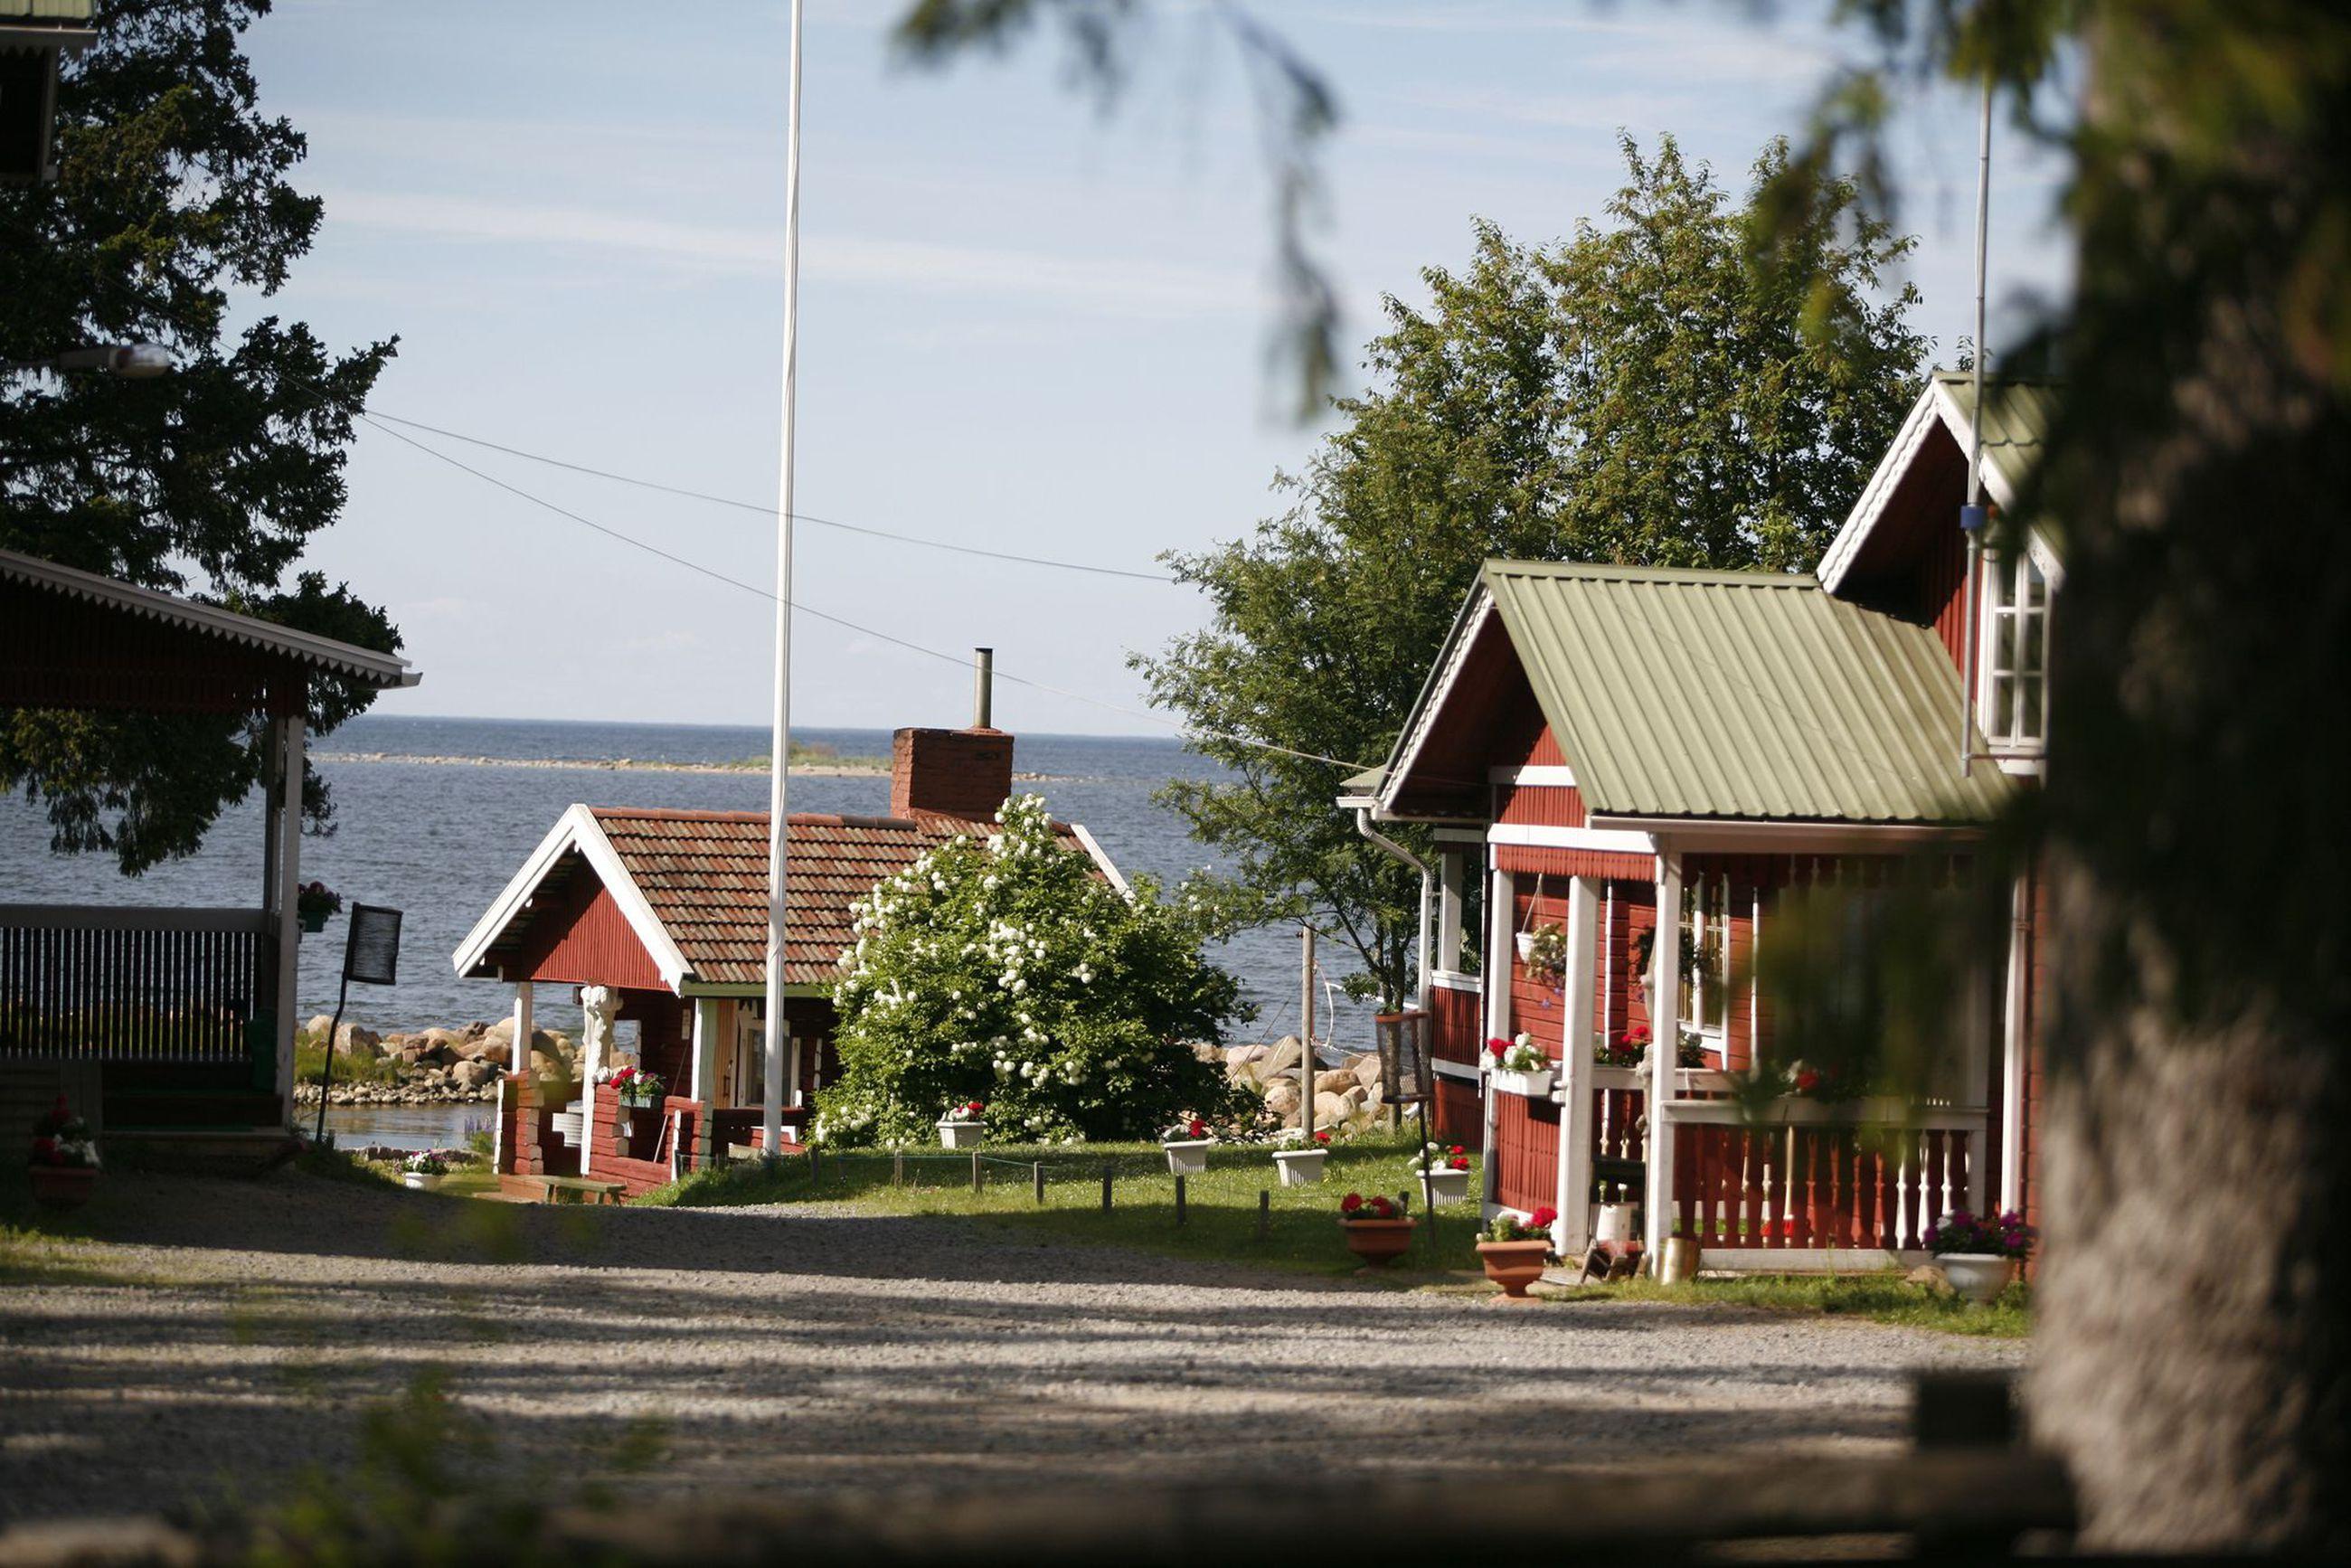 Juhlapaikat Joensuu